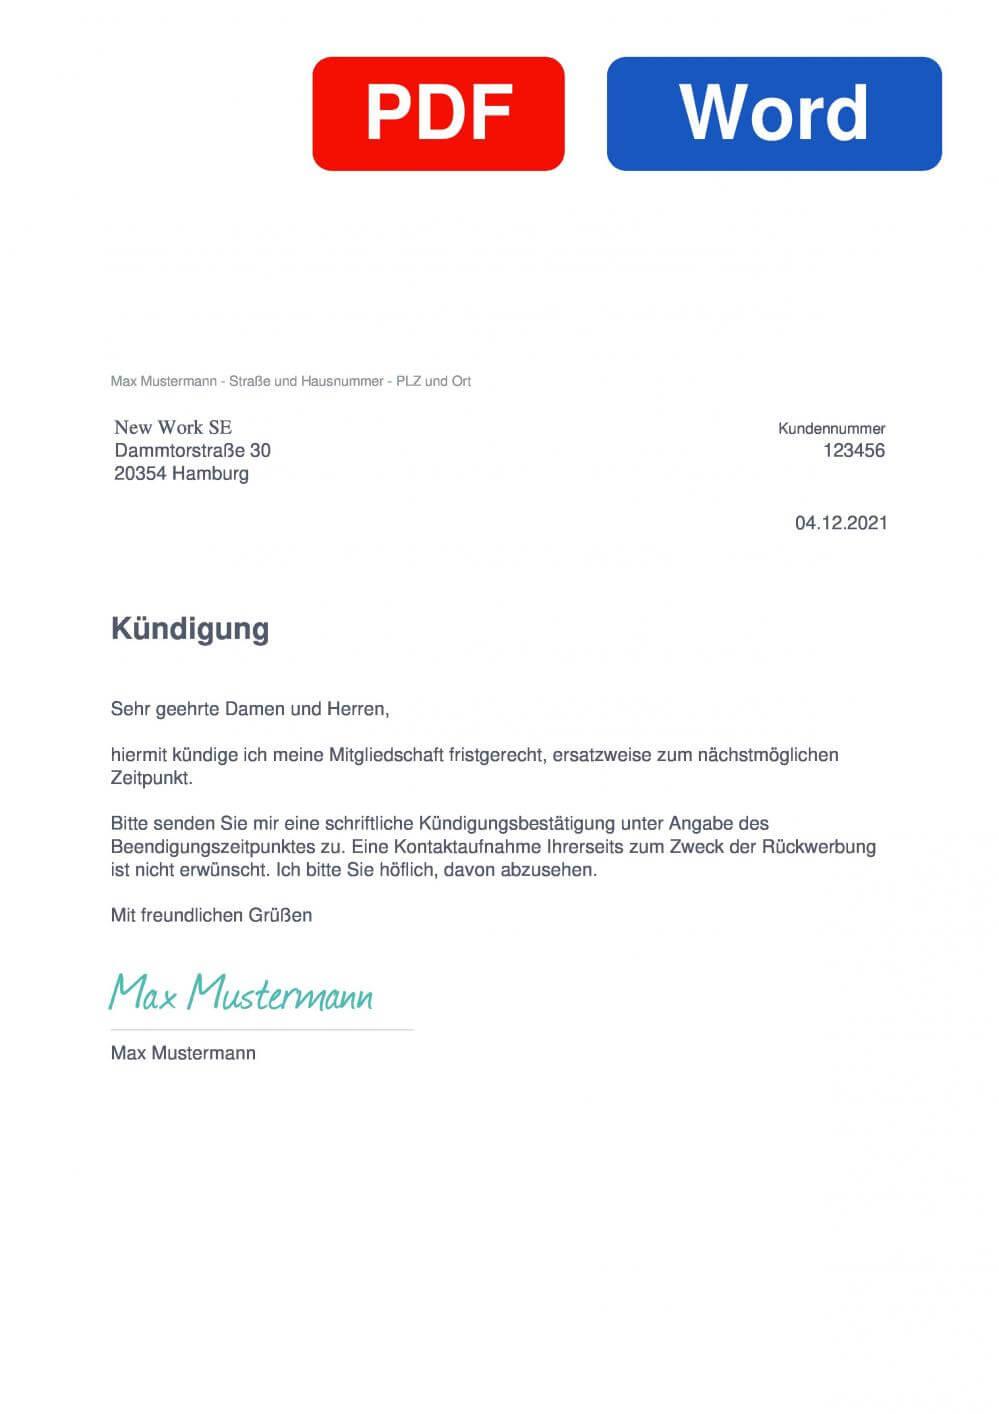 XING Muster Vorlage für Kündigungsschreiben